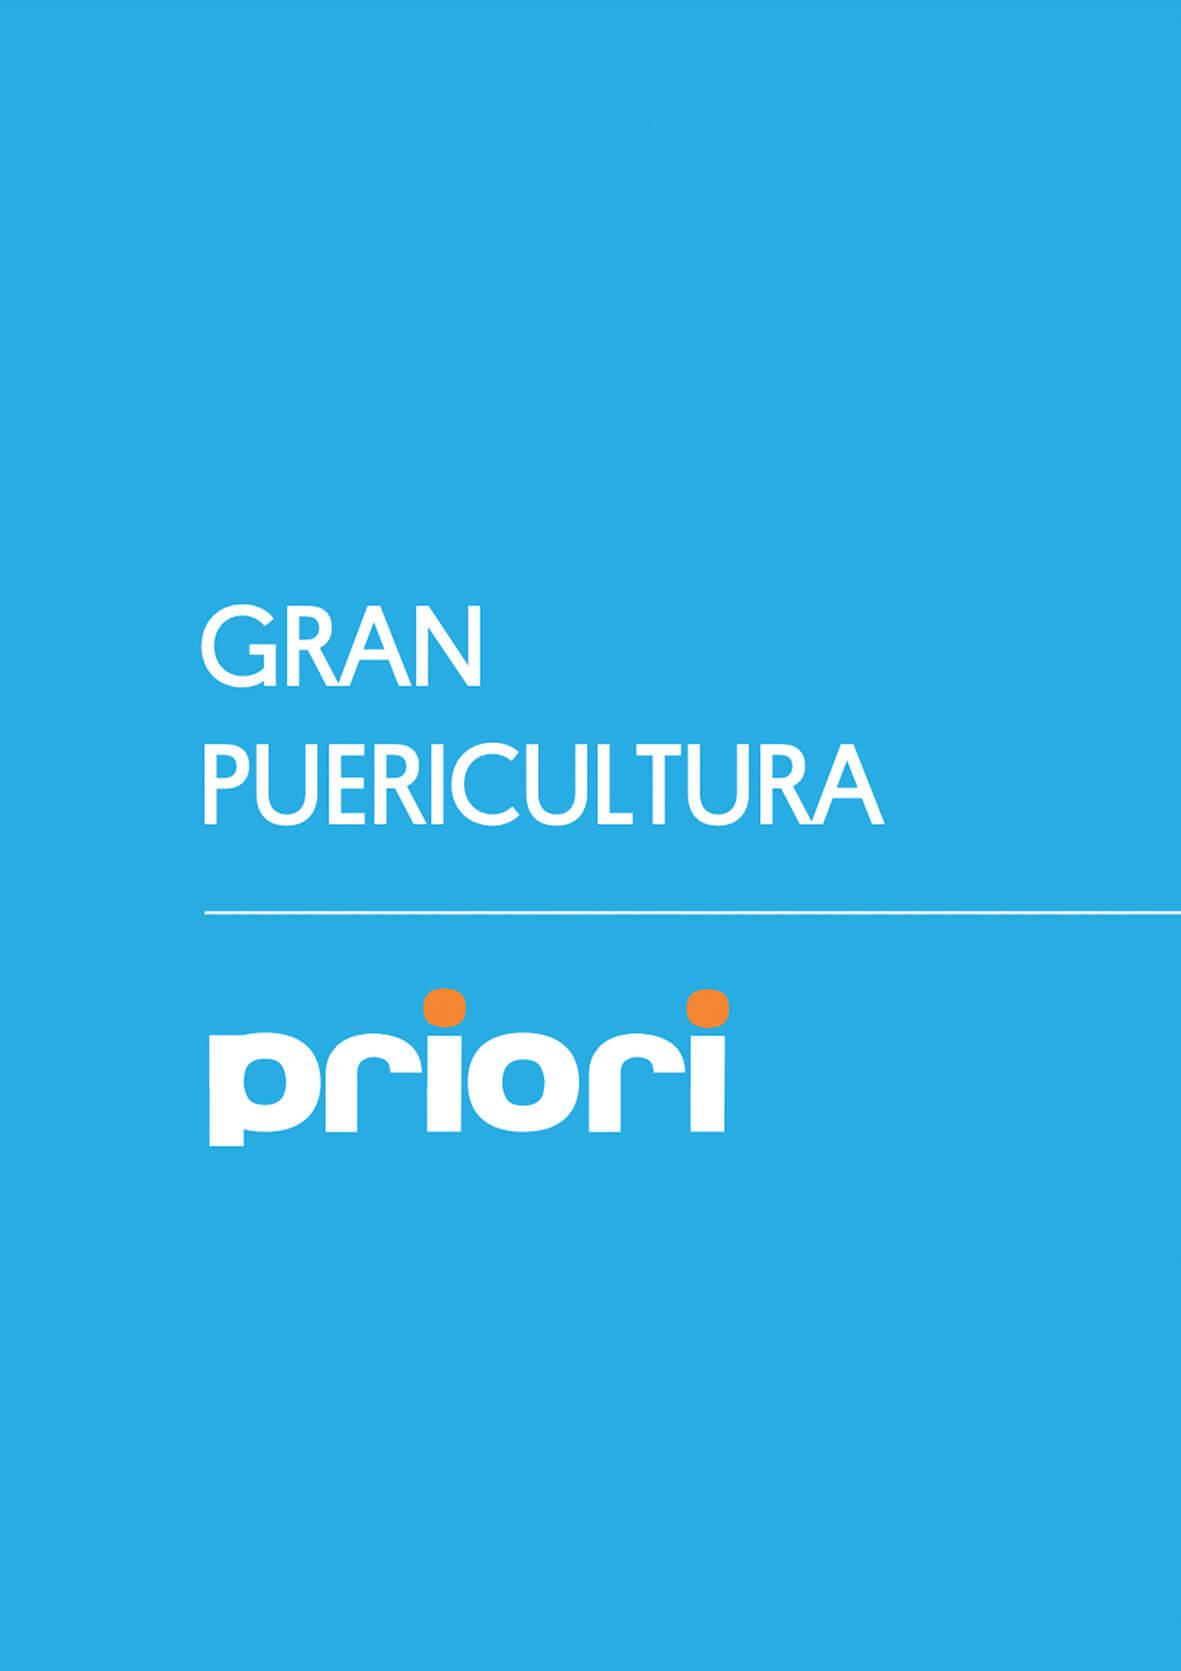 PRIORI - CATALOGO - GRAN PUERICULTURA